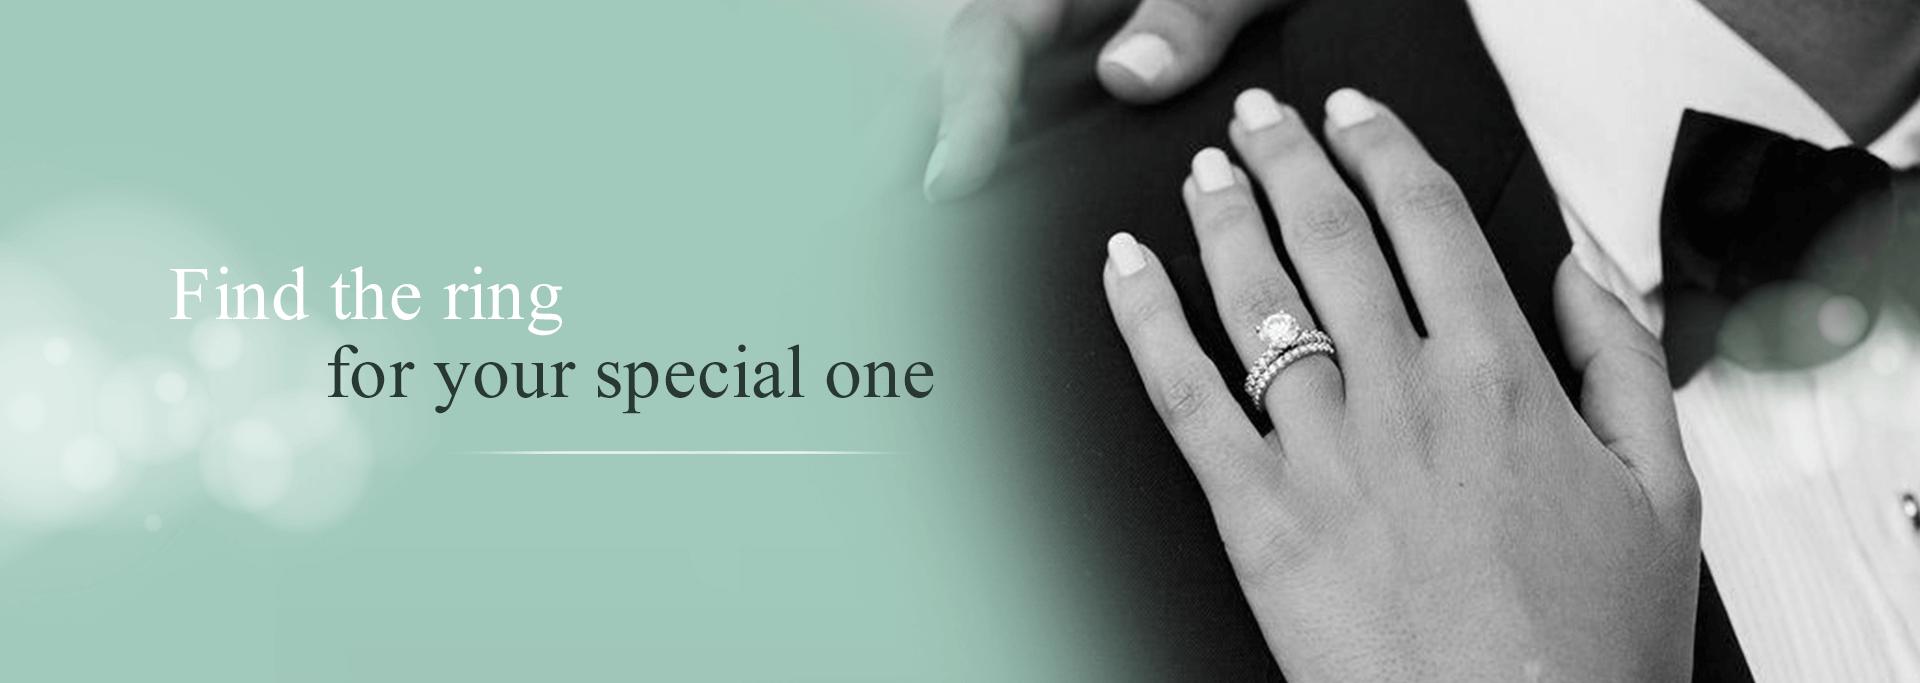 ร้านเพชร Nice Diamond ดิโอลด์สยาม แหวนหมั้น-แหวนแต่งงาน